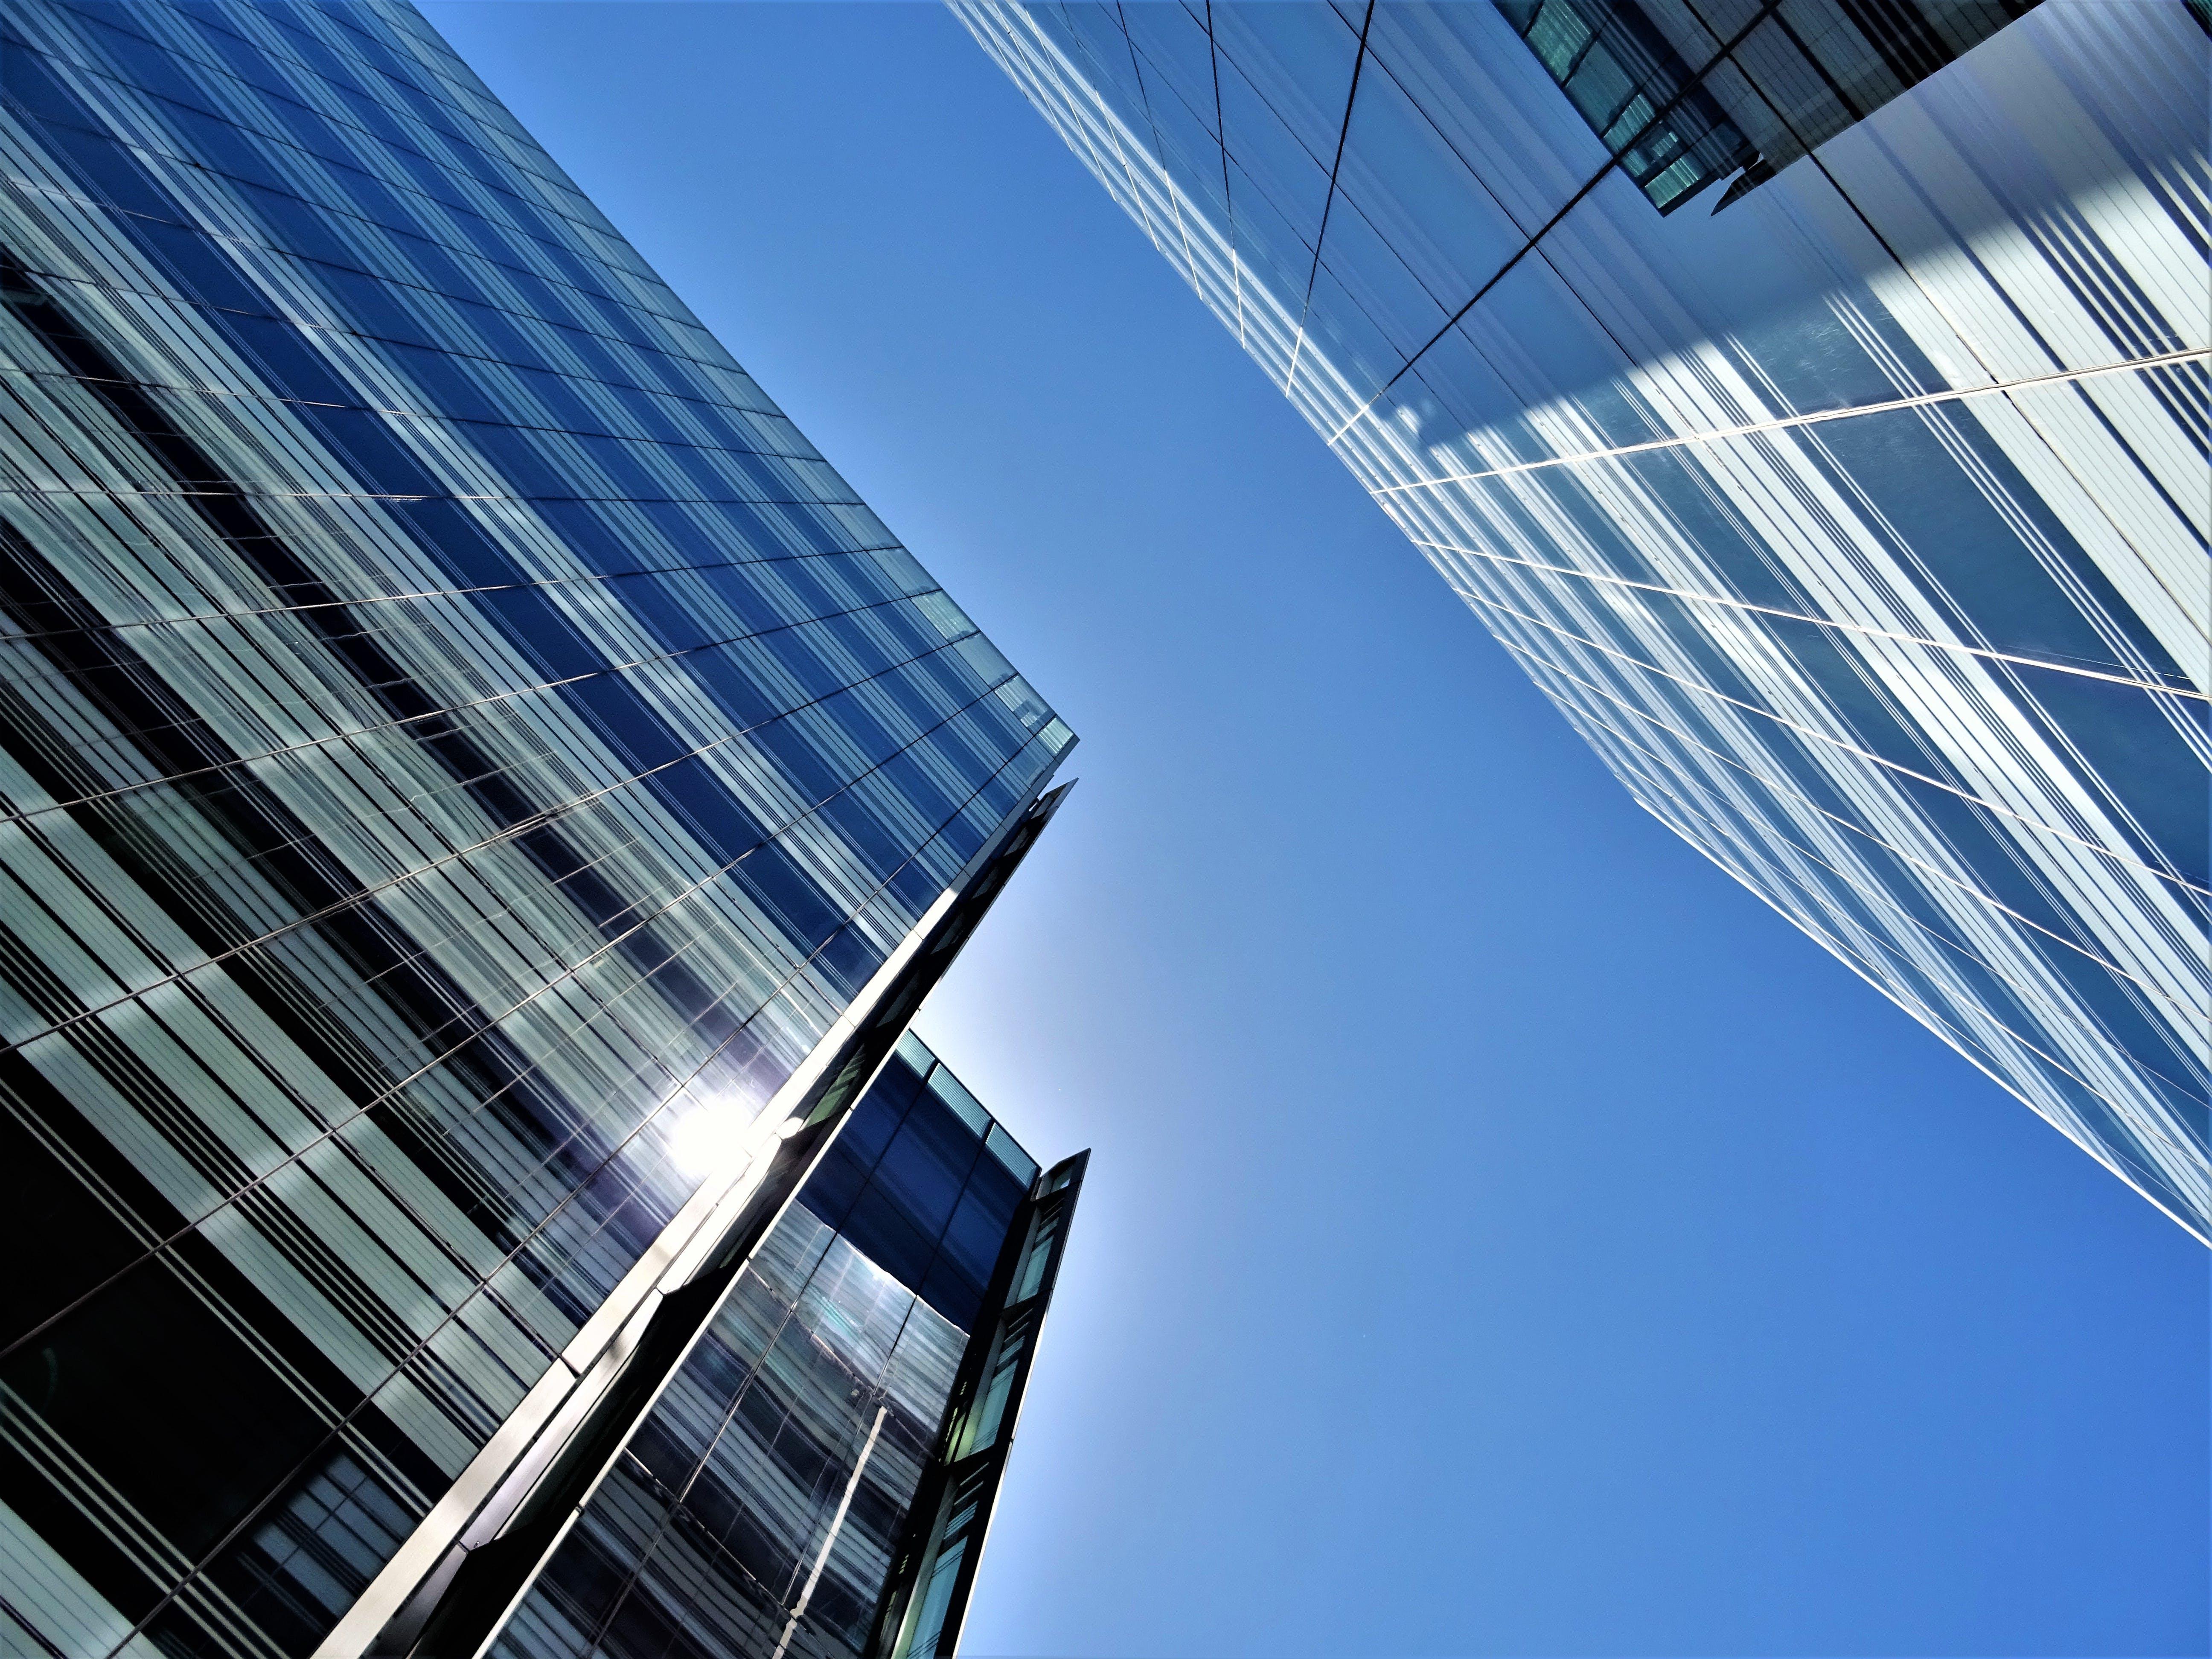 Gratis lagerfoto af arkitektur, blå himmel, bygninger, fotografering fra lav vinkel